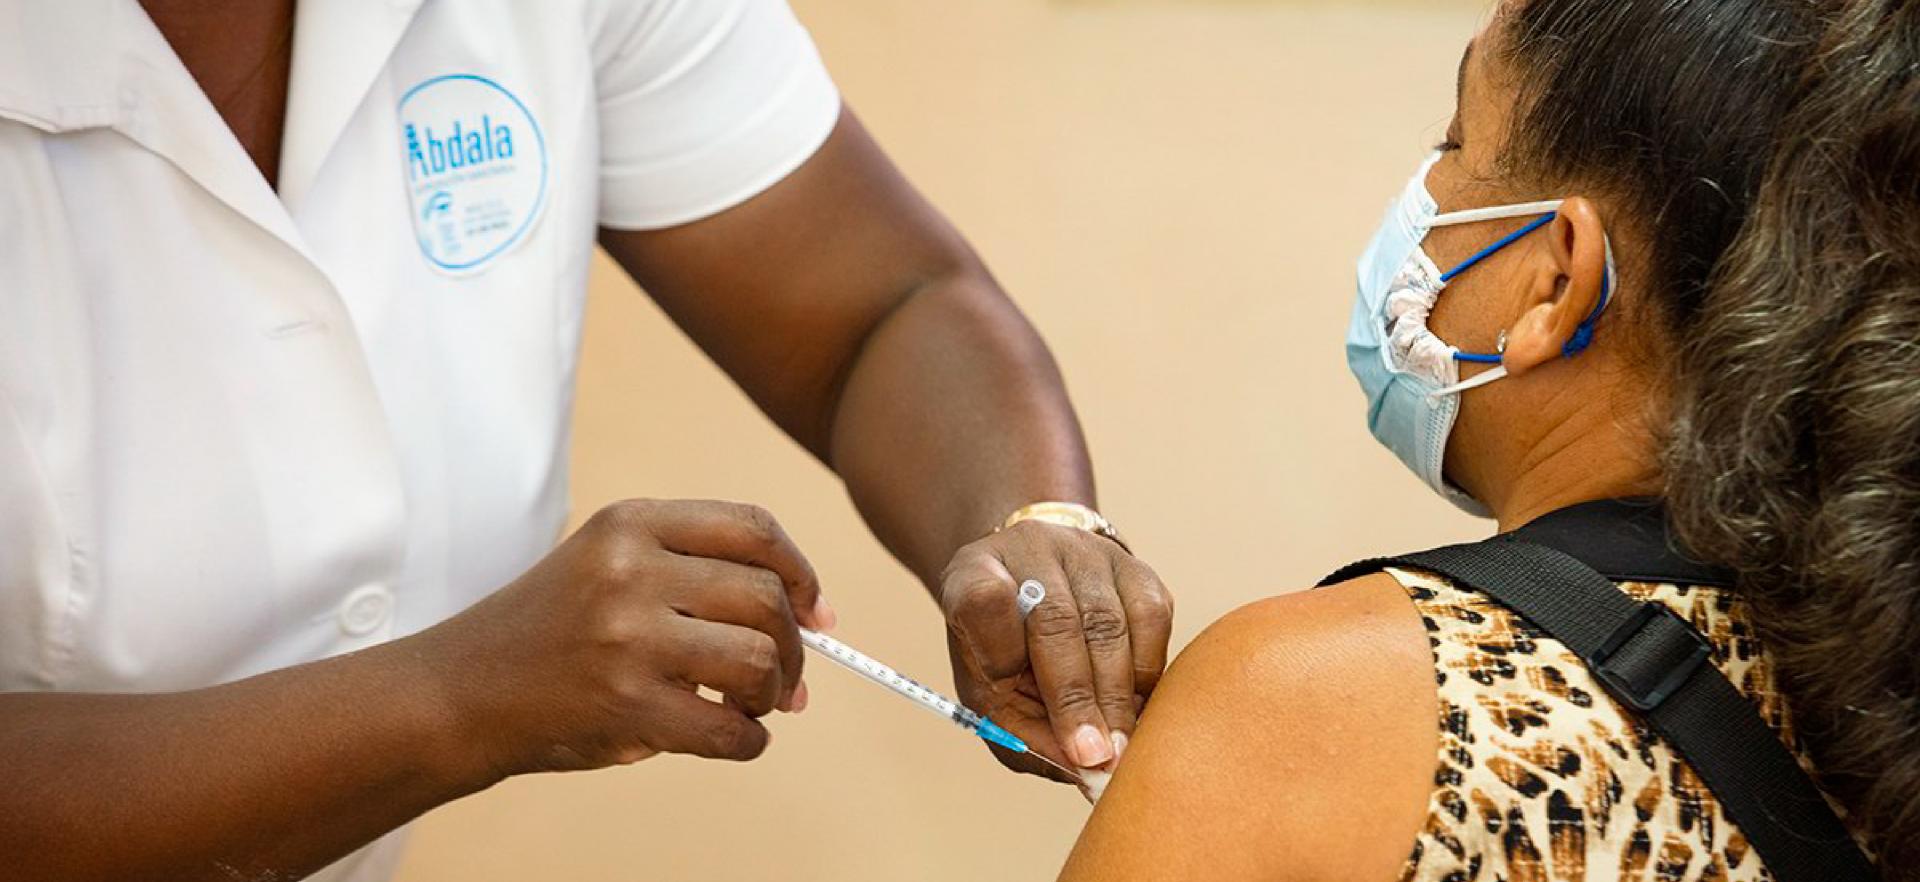 Administradas más de seis millones de dosis de candidatos vacunales cubanos